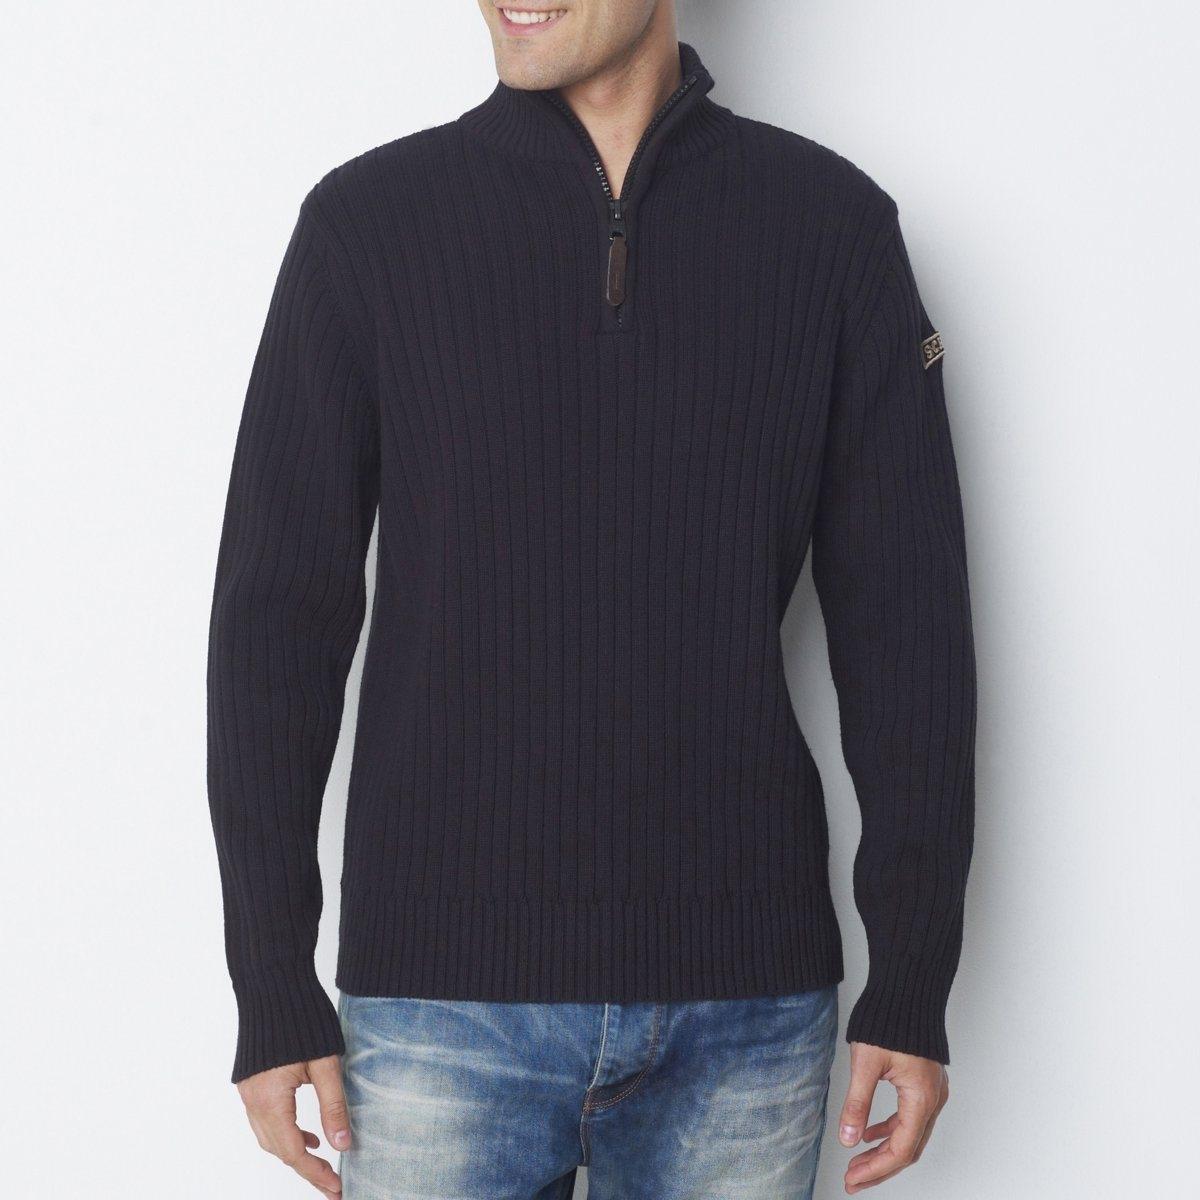 ПуловерПуловер PL RAGE 2 от SCHOTT. 50% хлопка, 50% акрила. Высокий воротник с застежкой на молнию. Стильная модель вне времени!<br><br>Цвет: черный<br>Размер: M